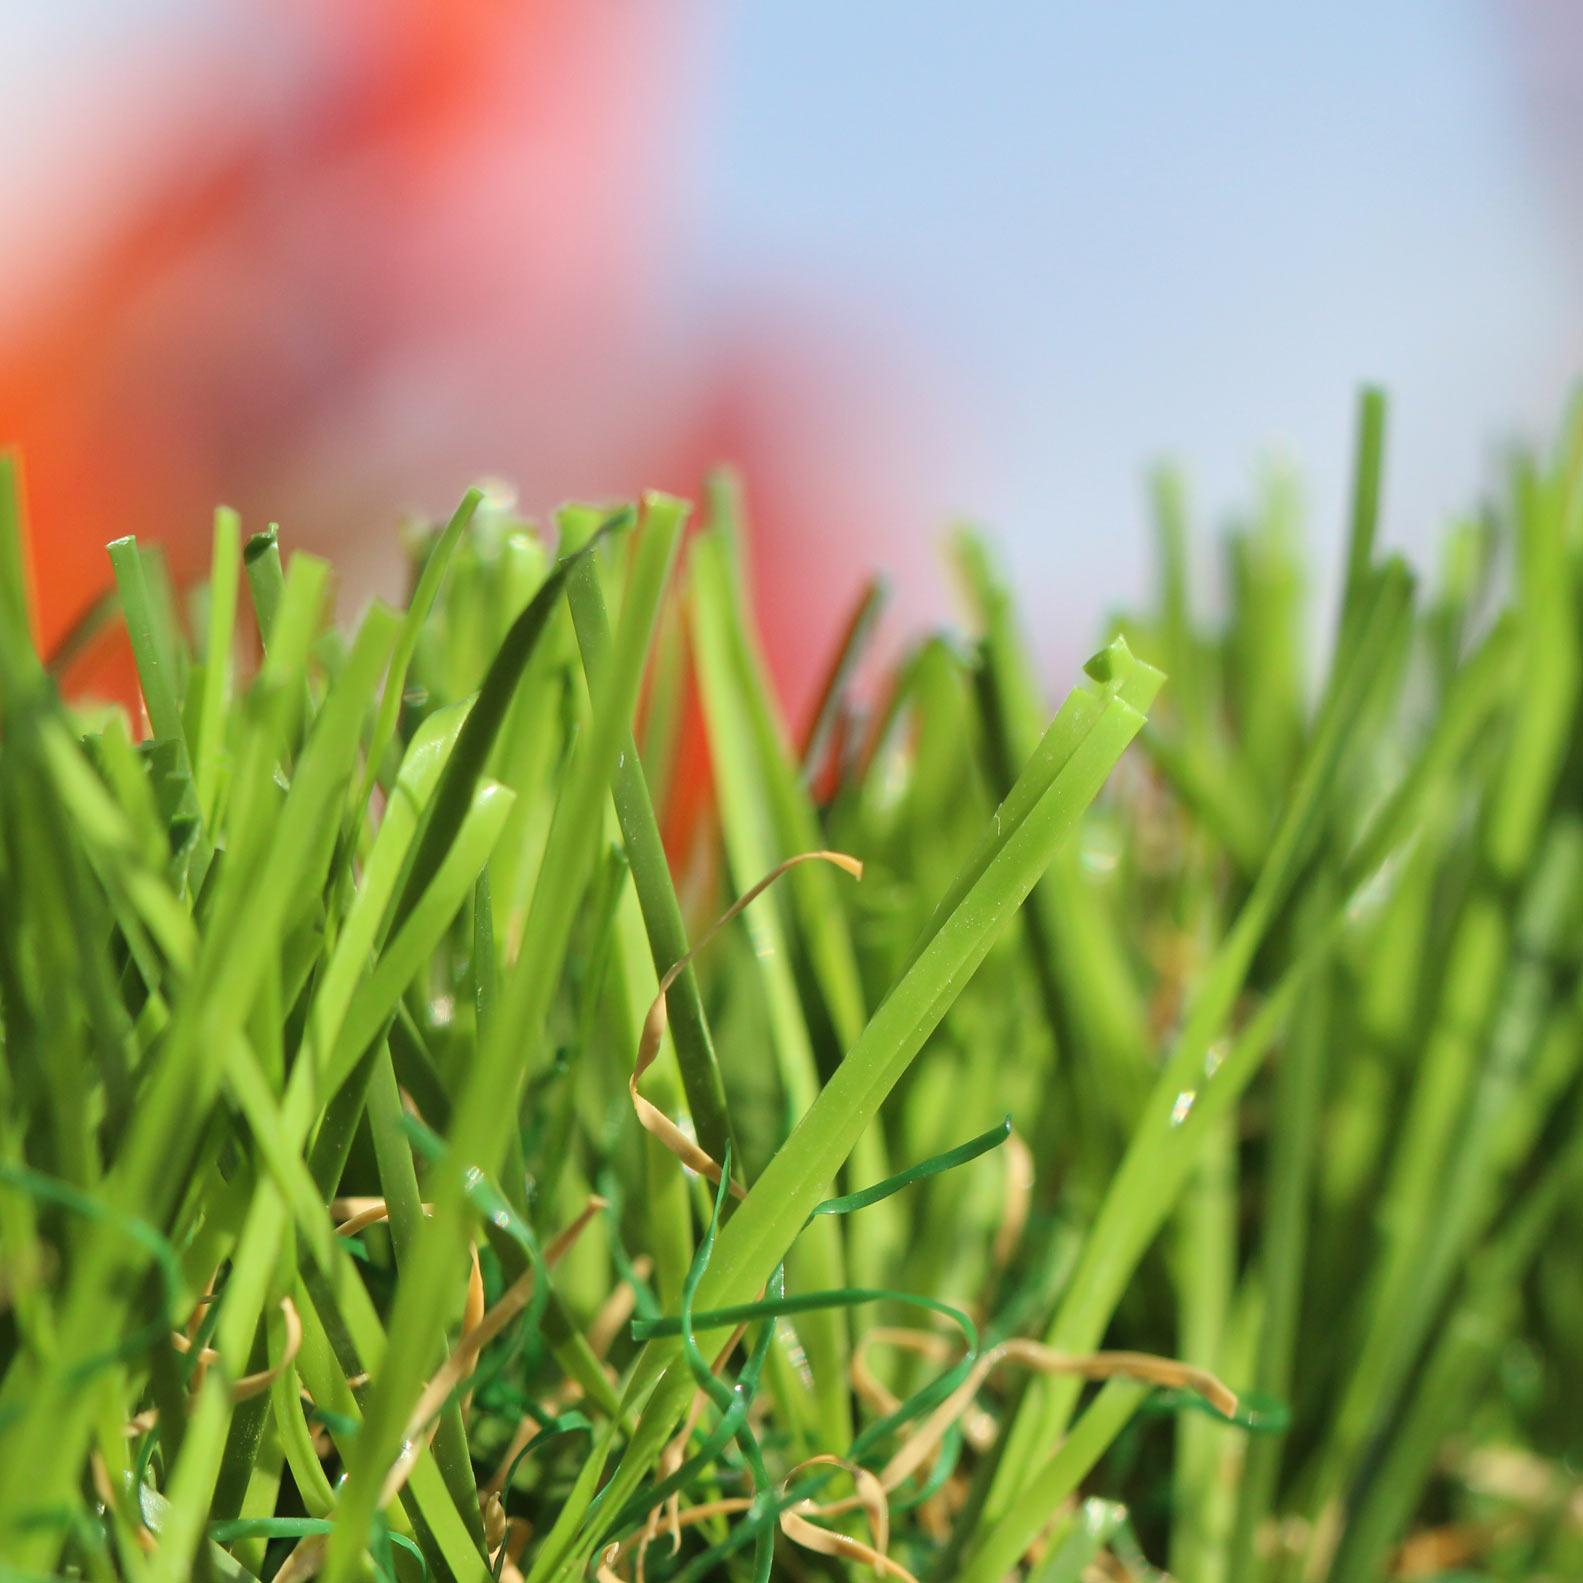 Spring artificial grass 50 oz. green emerald lime